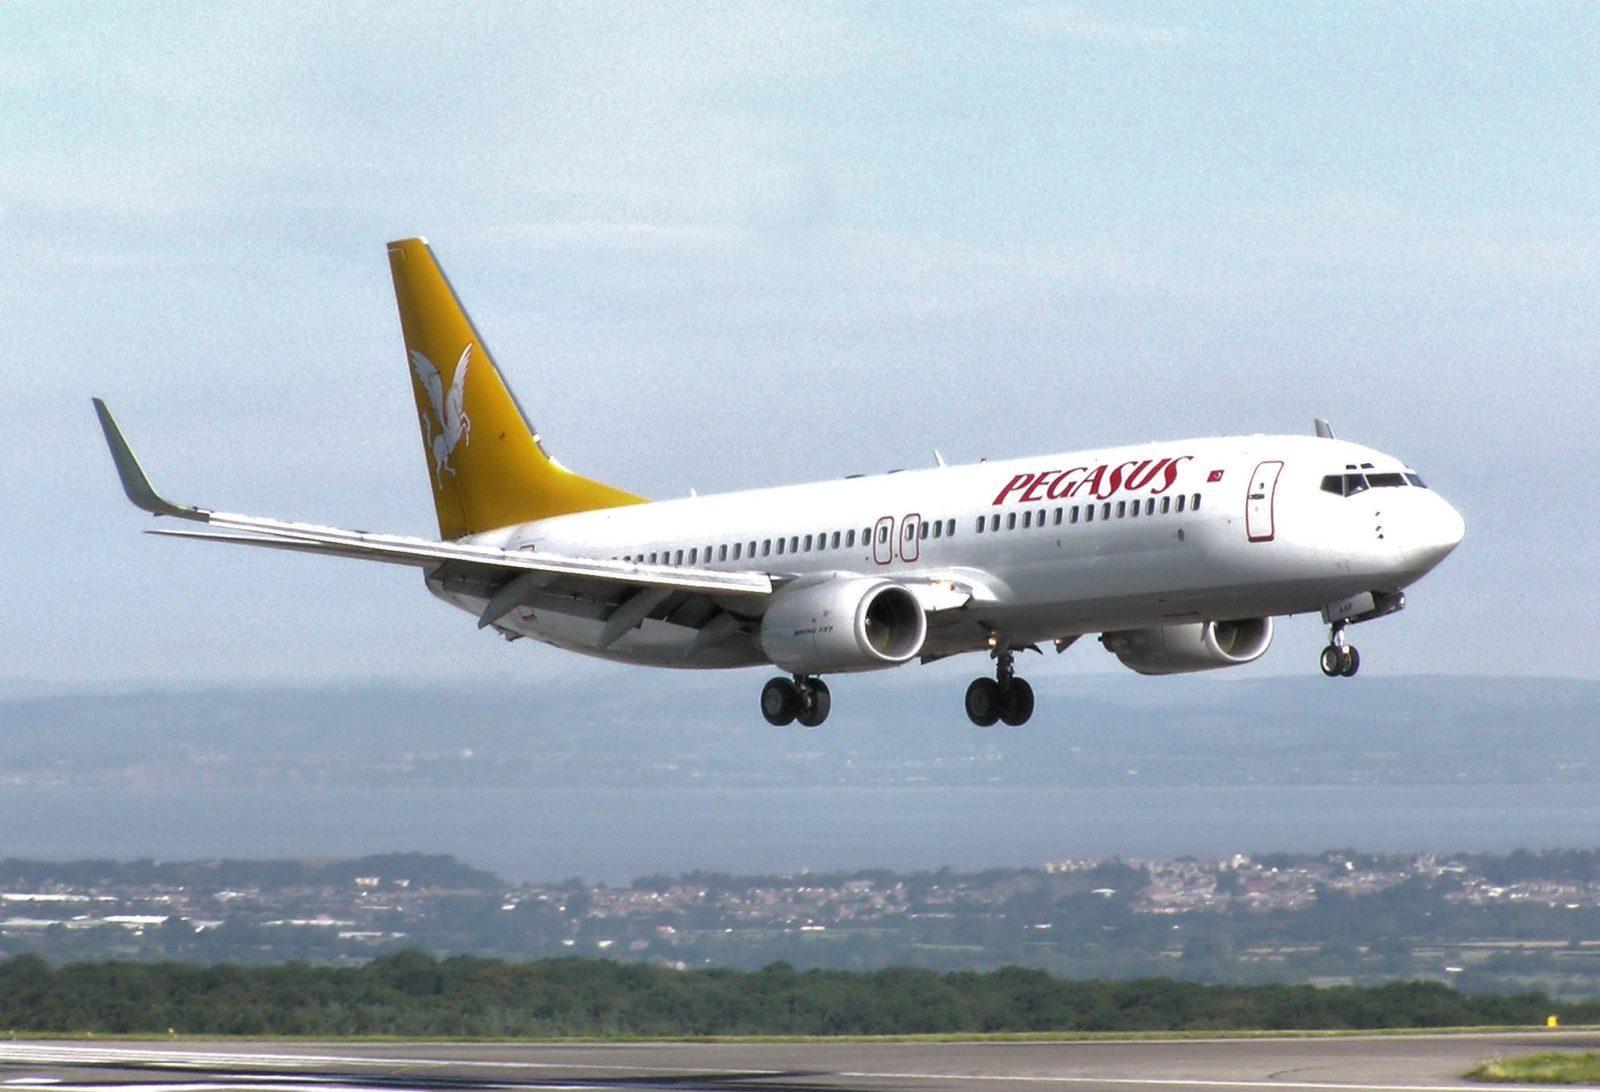 pegasus - ავიაკომპანია პეგასუსის ავიახაზები - Pegasus Airlines